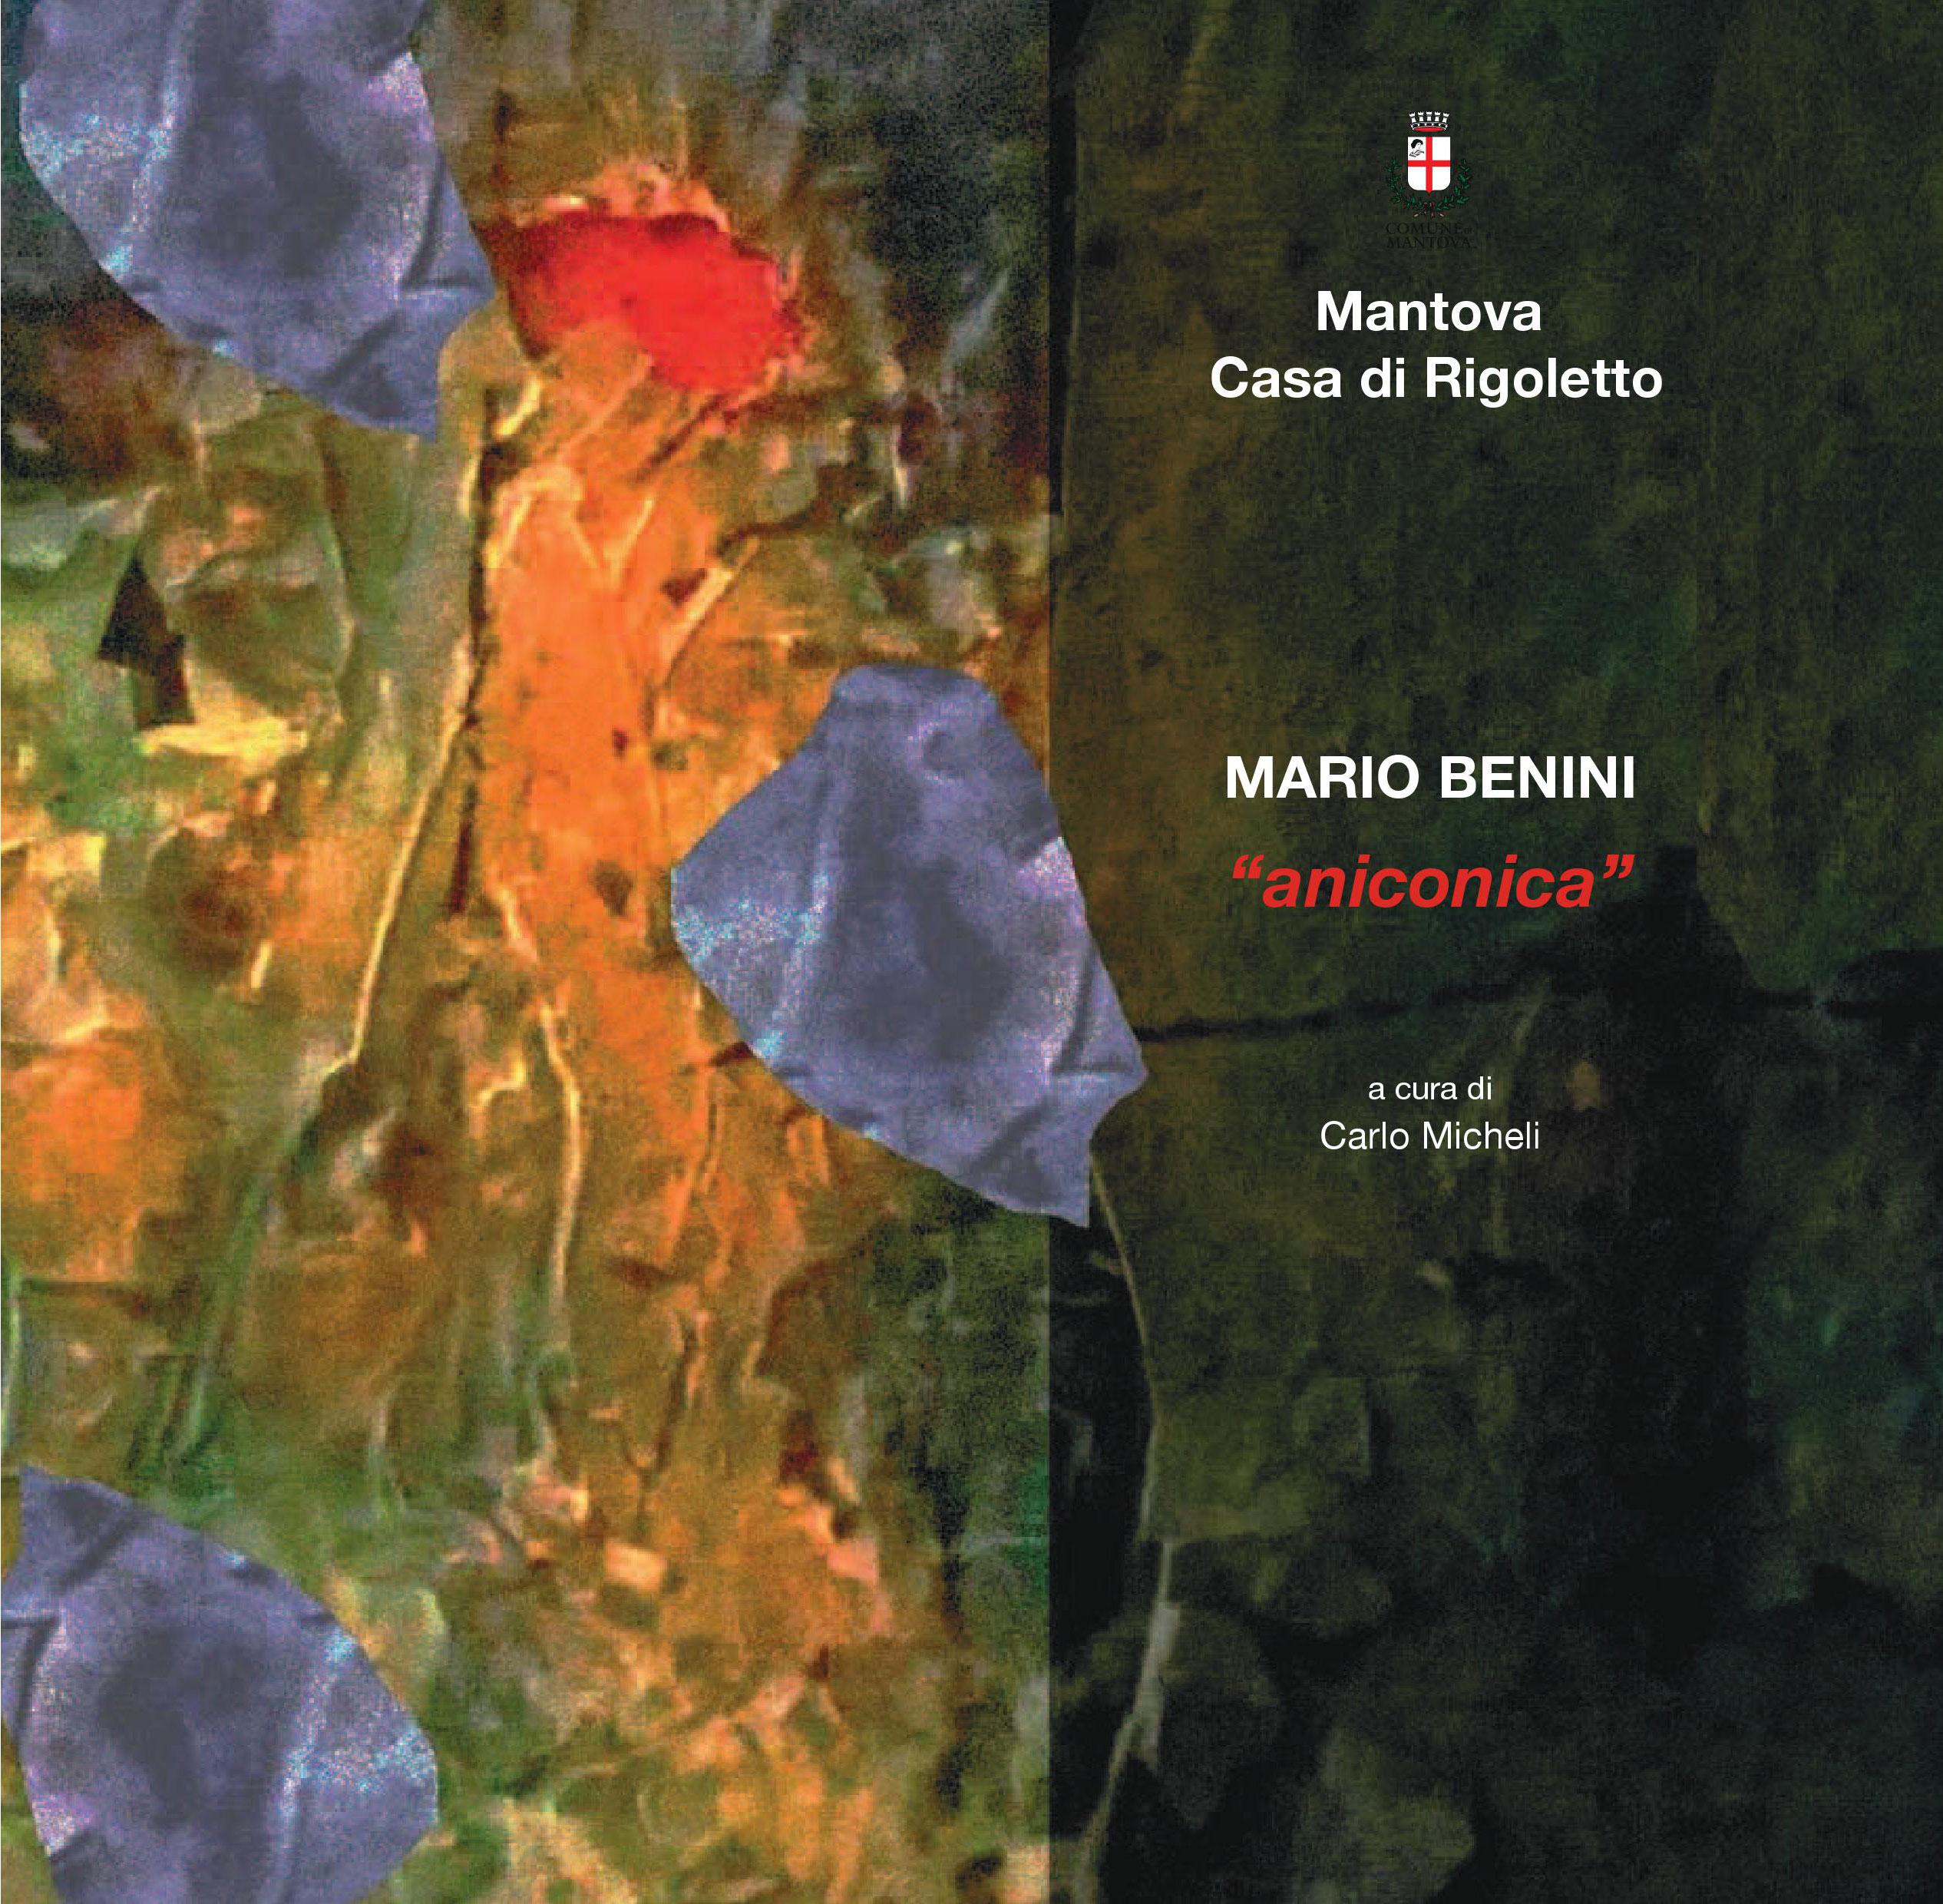 Mostra fotografica ANICONICA di Mario Benini